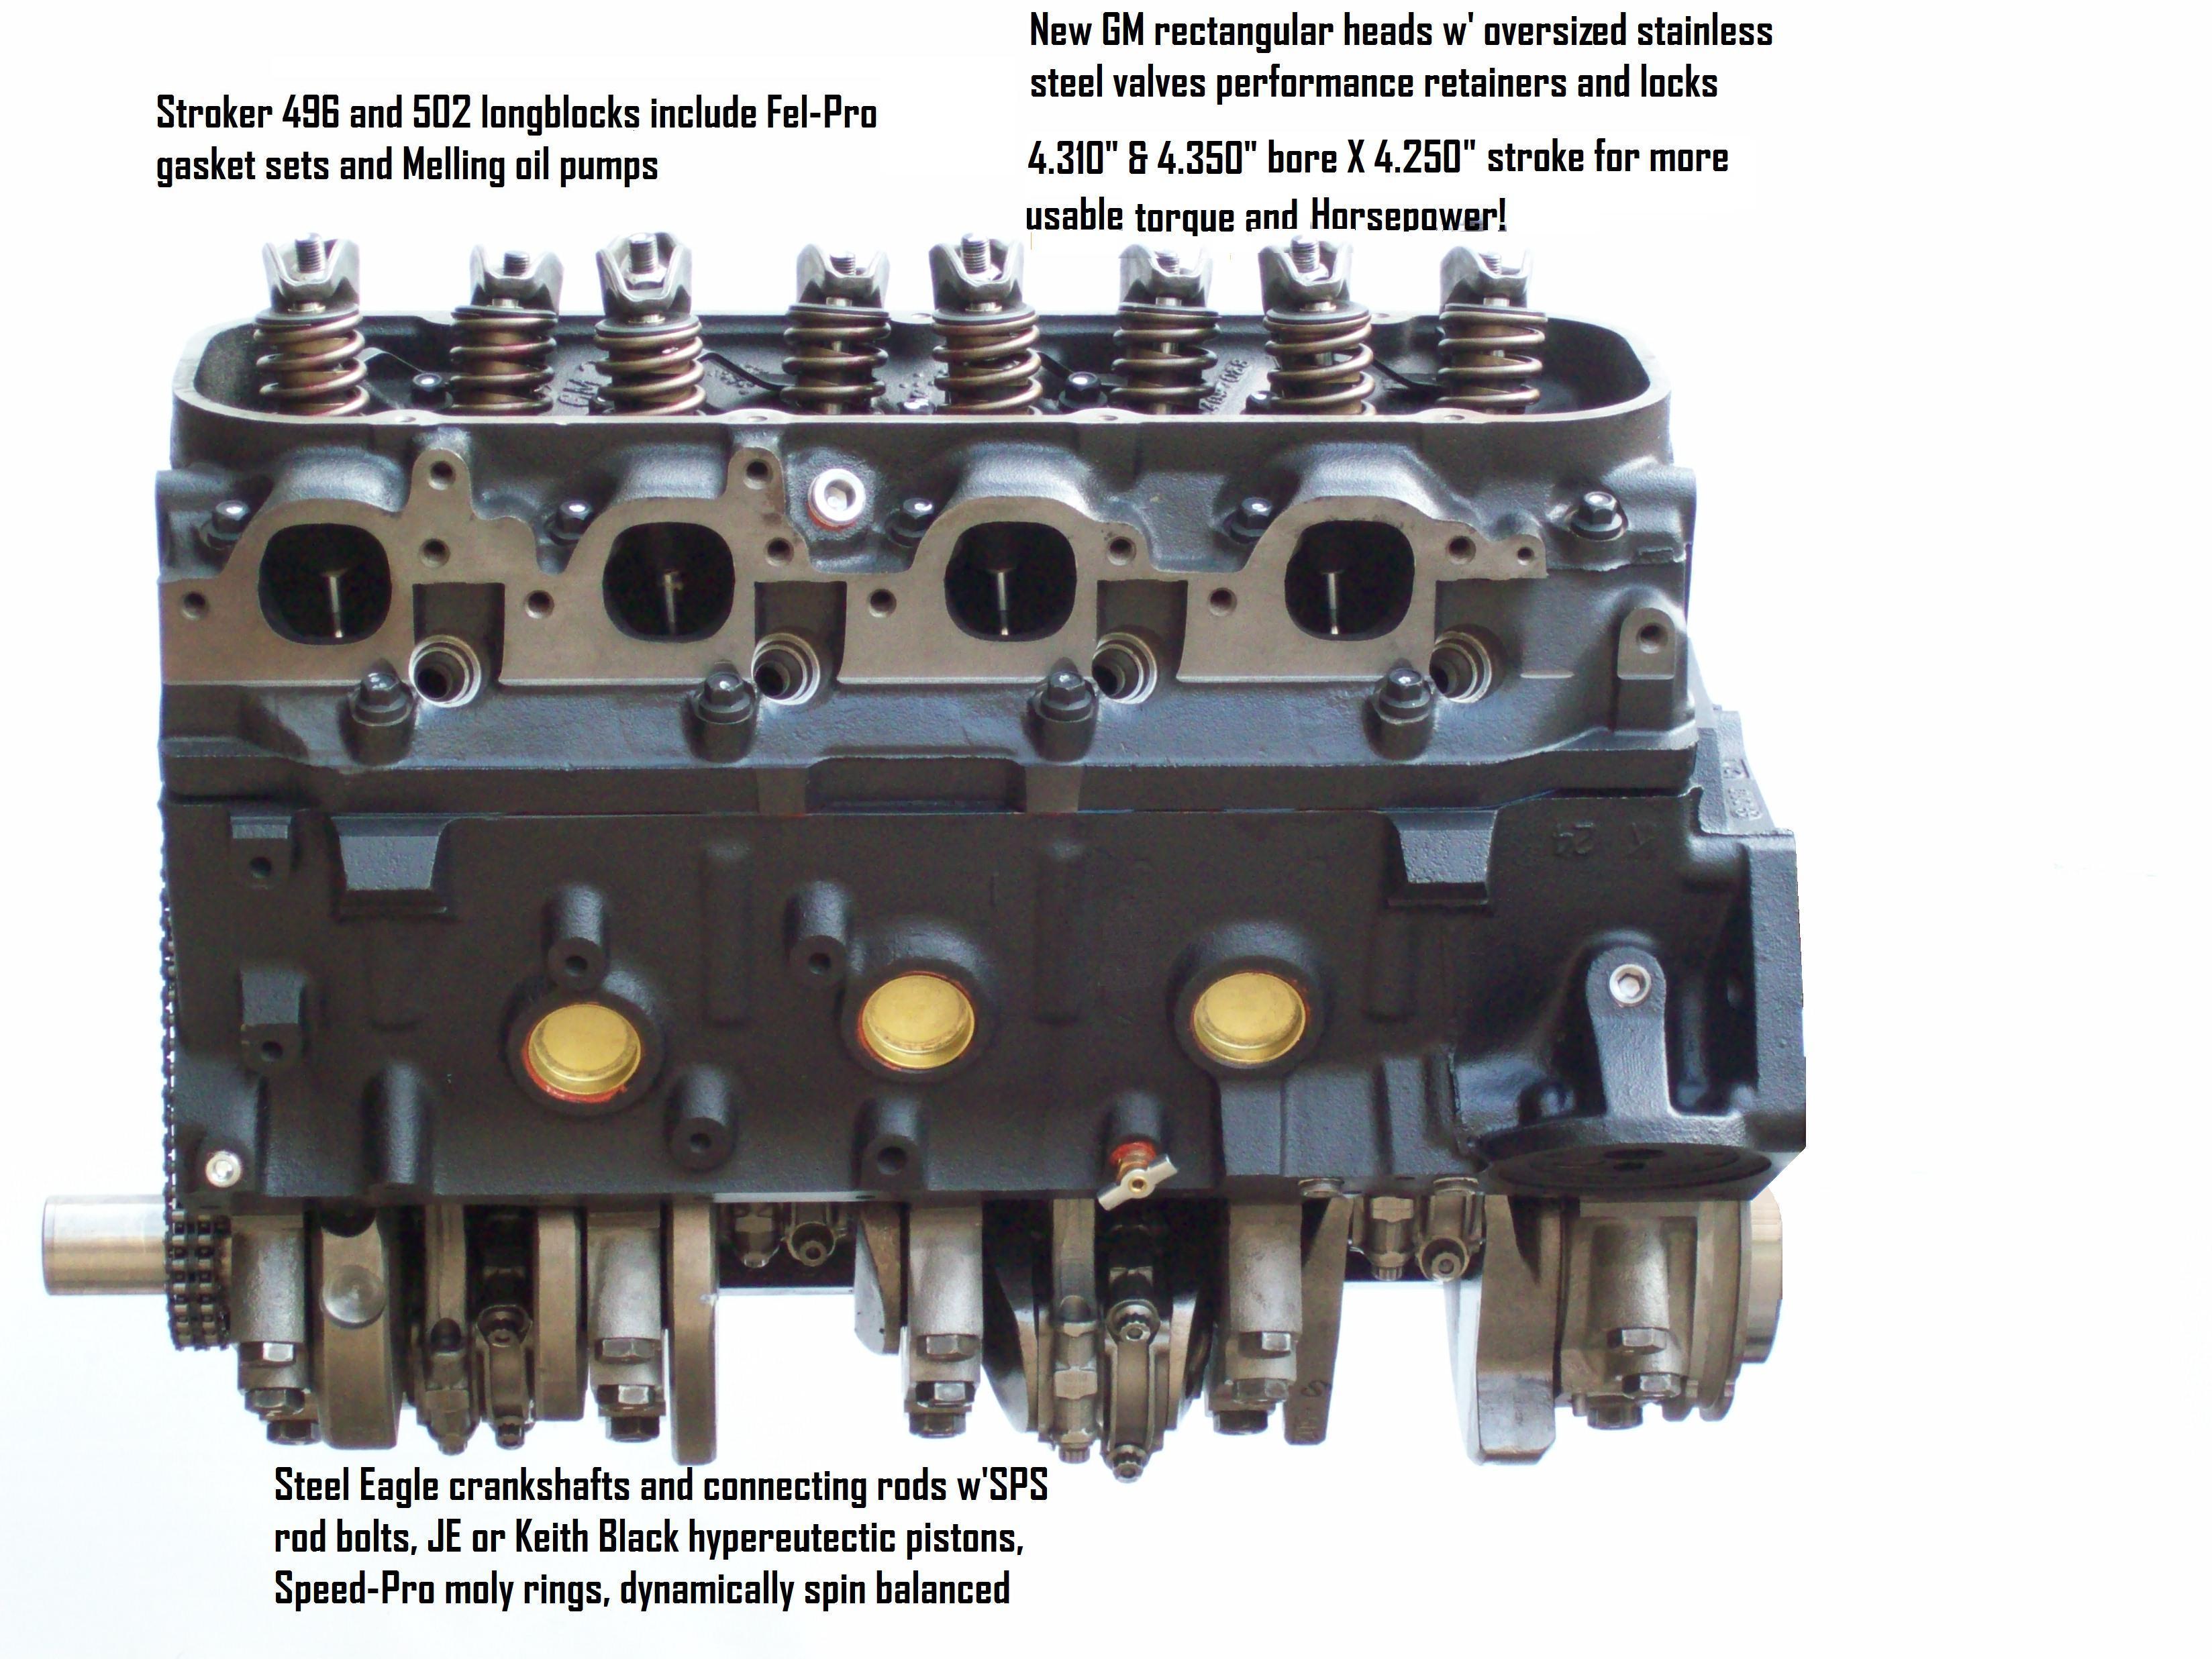 big block chevy wiring diagram tb 7804  big engine diagram free diagram  tb 7804  big engine diagram free diagram